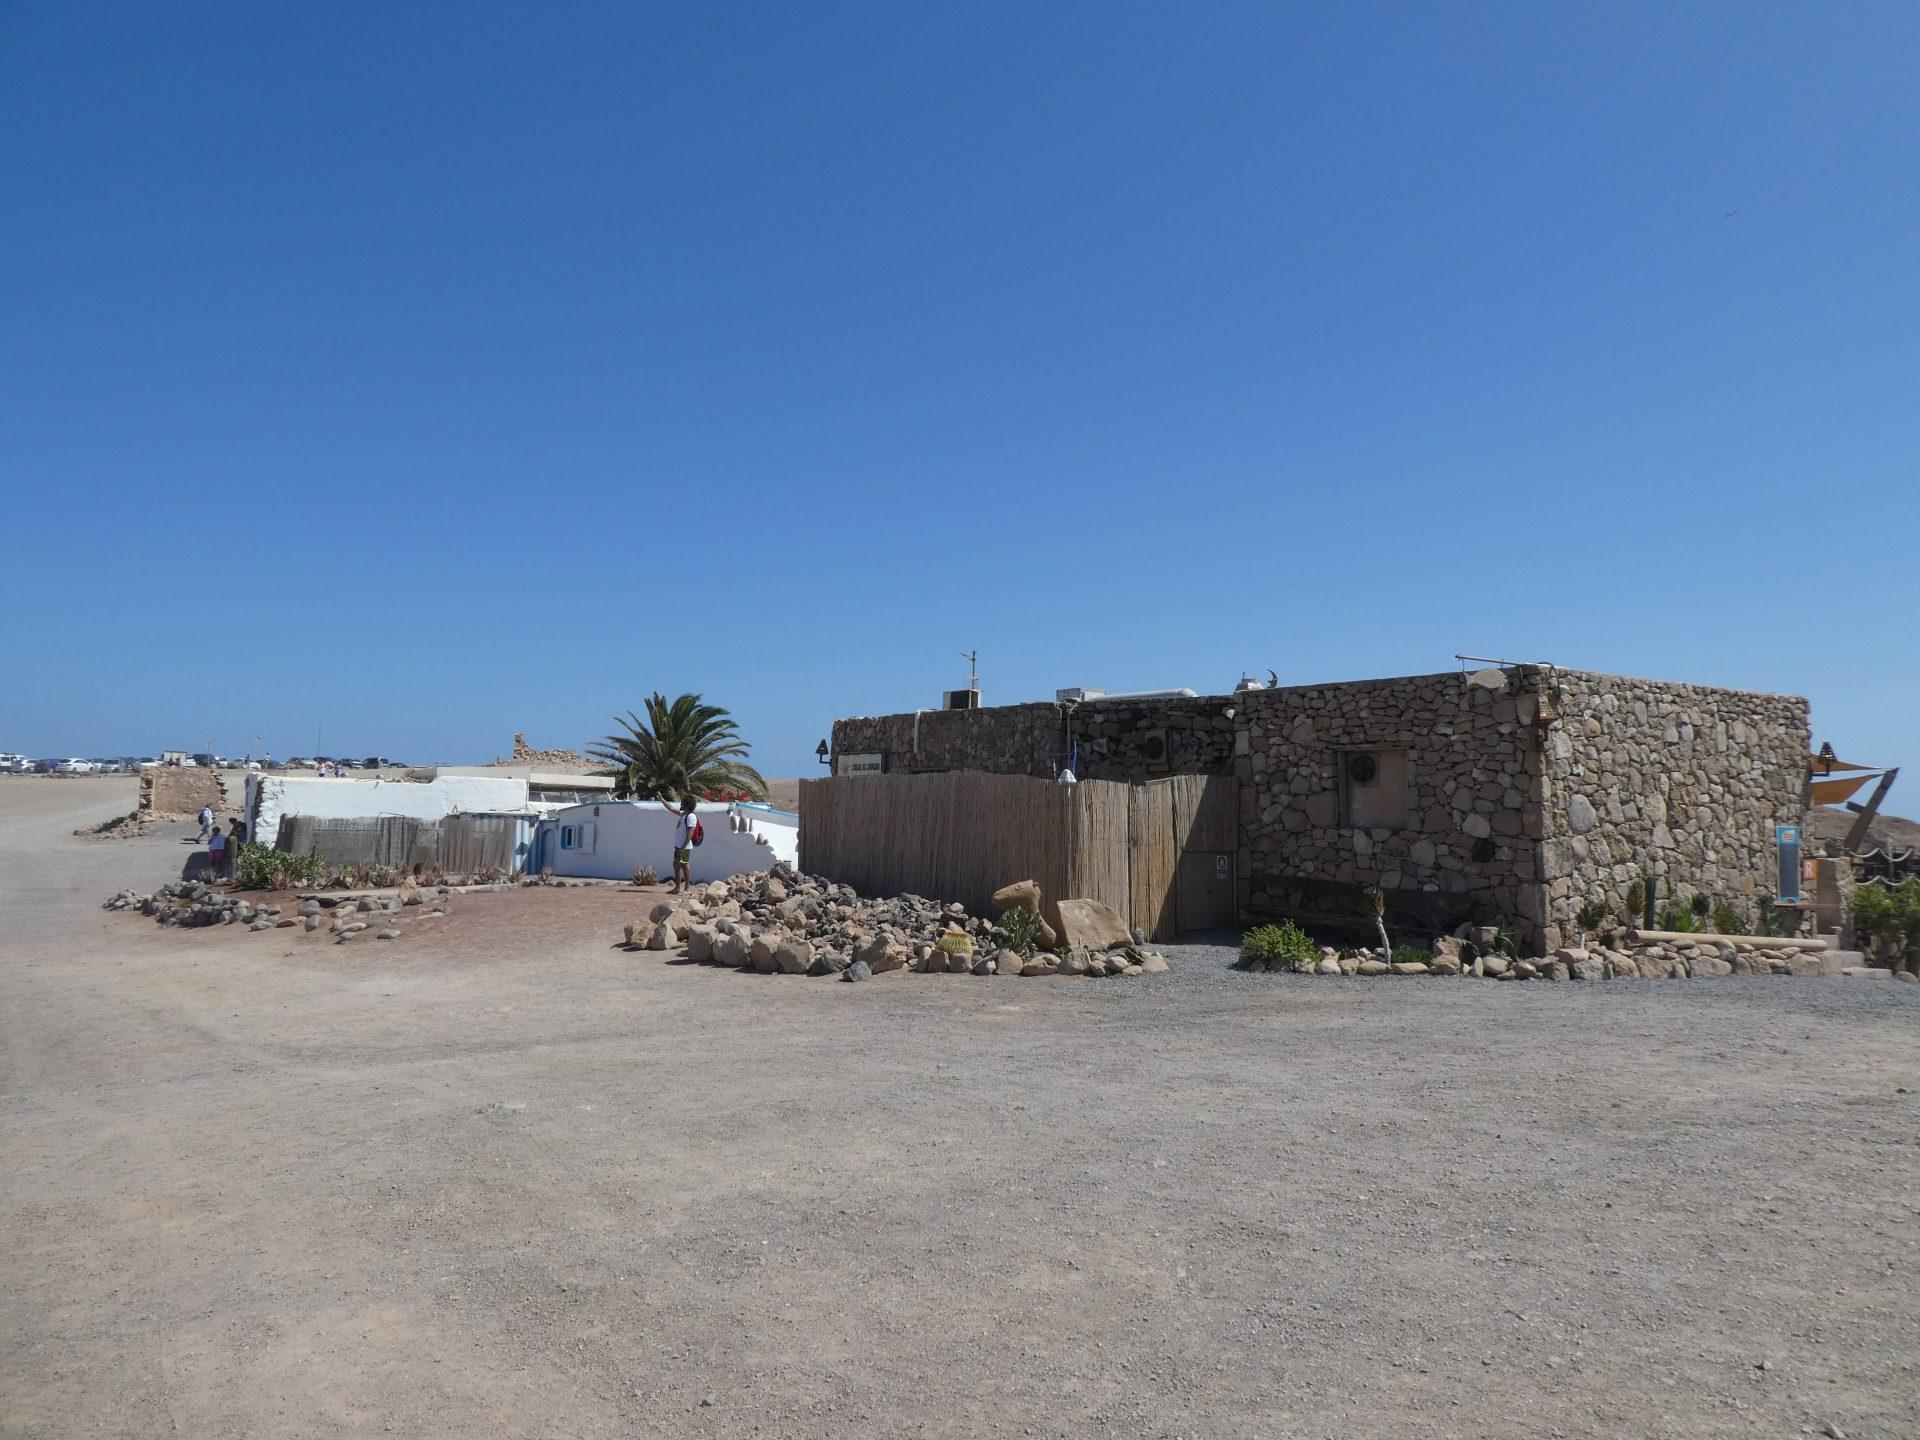 Les plus belles plages de Lanzarote, Playa del Pozo